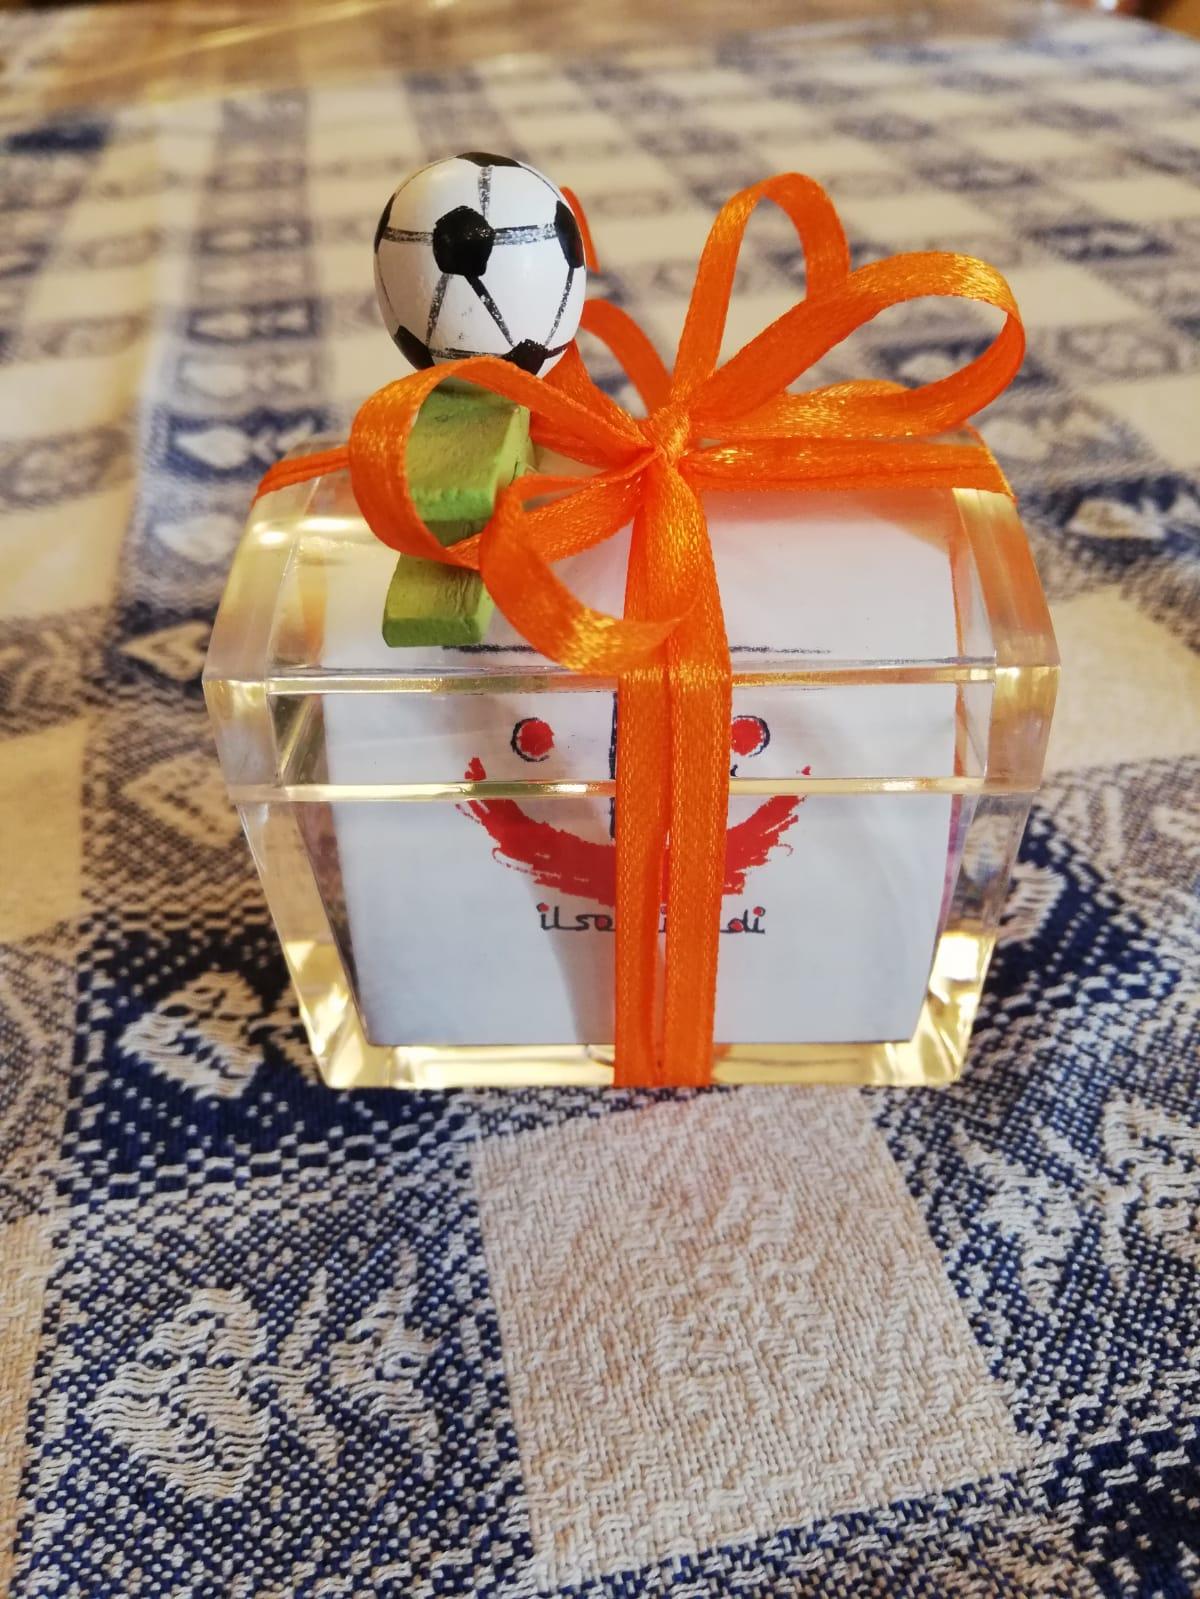 Bomboniere con scatola trasparente in plexiglass e fiocco arancione